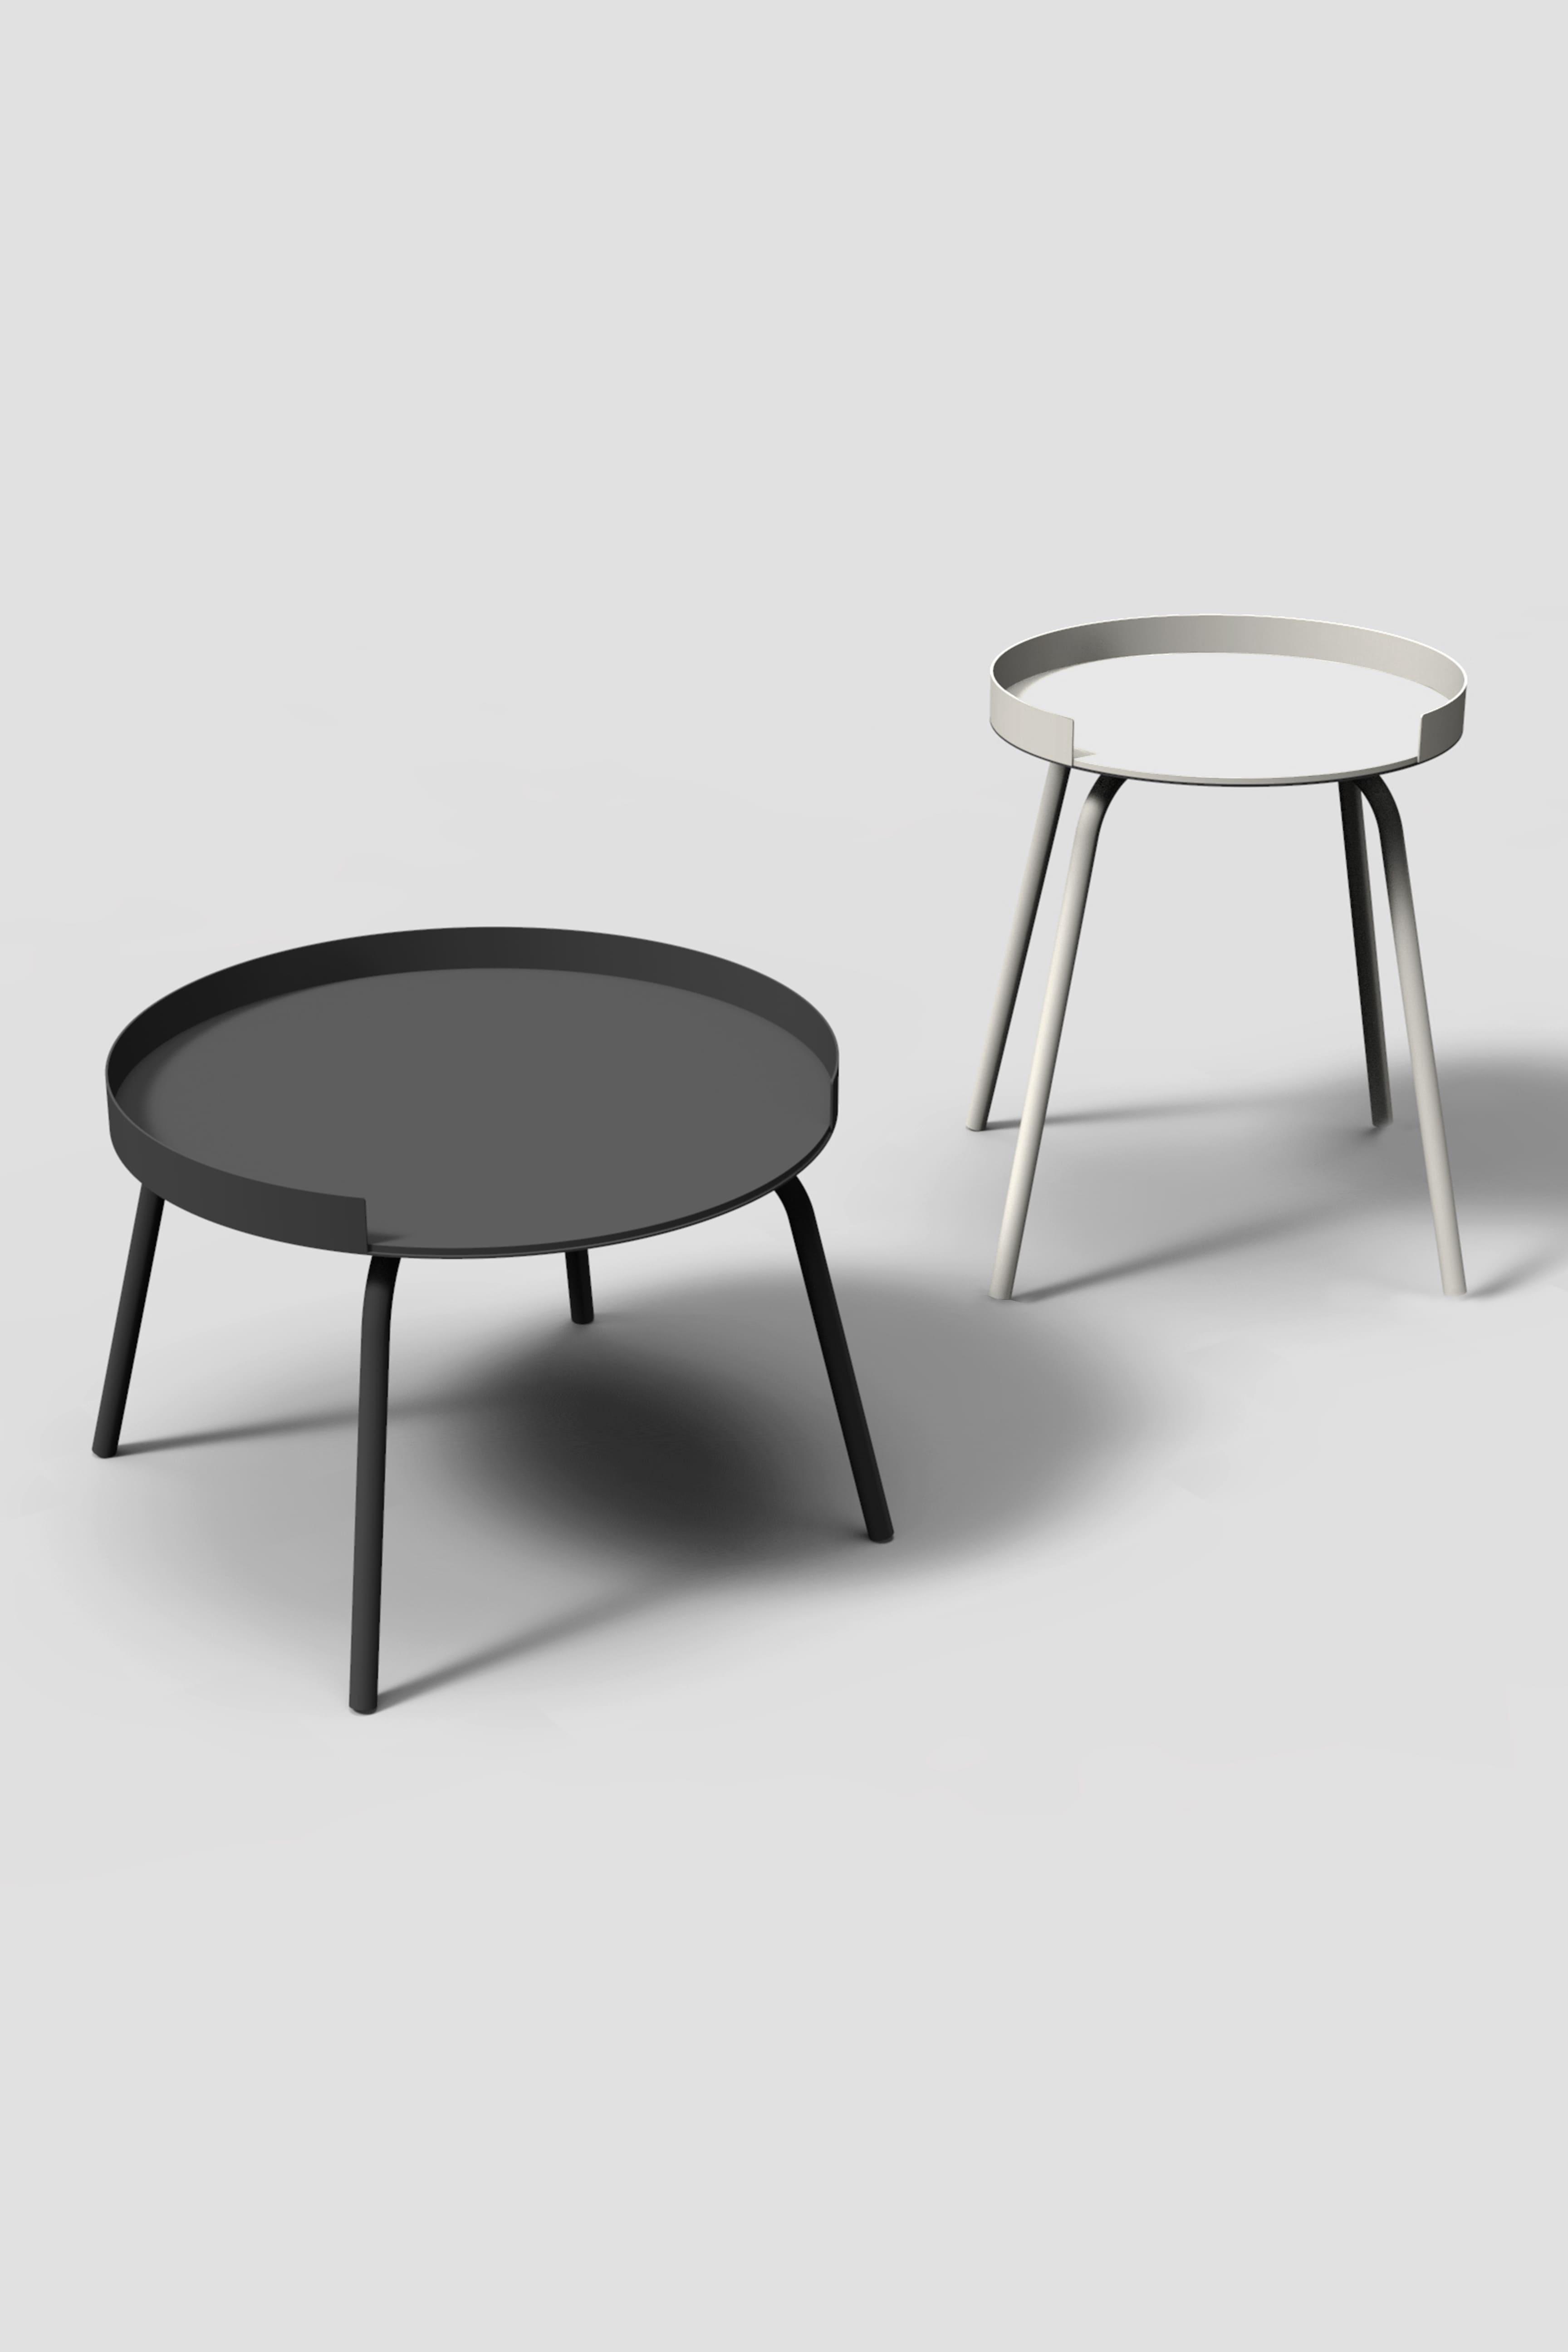 RAG ist ein minimalistischer Beistelltisch aus Metall, welcher in zwei Höhen angeboten wird.